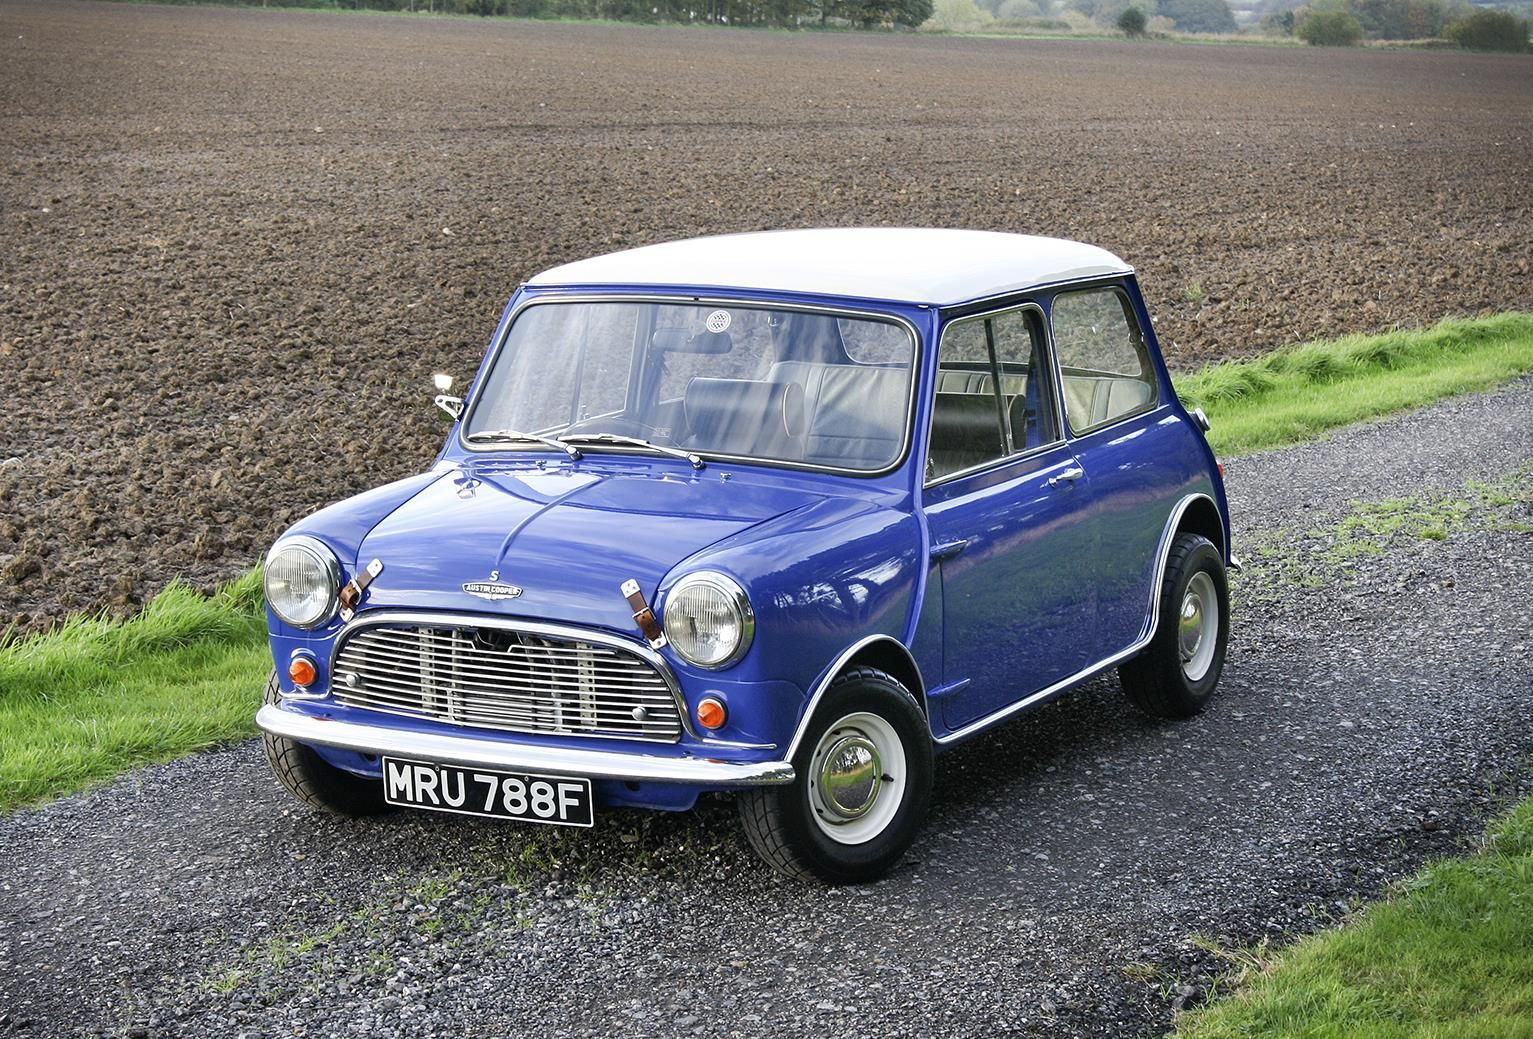 Used 1968 Mini Classic All Mini Classics For Sale In North Yorkshire